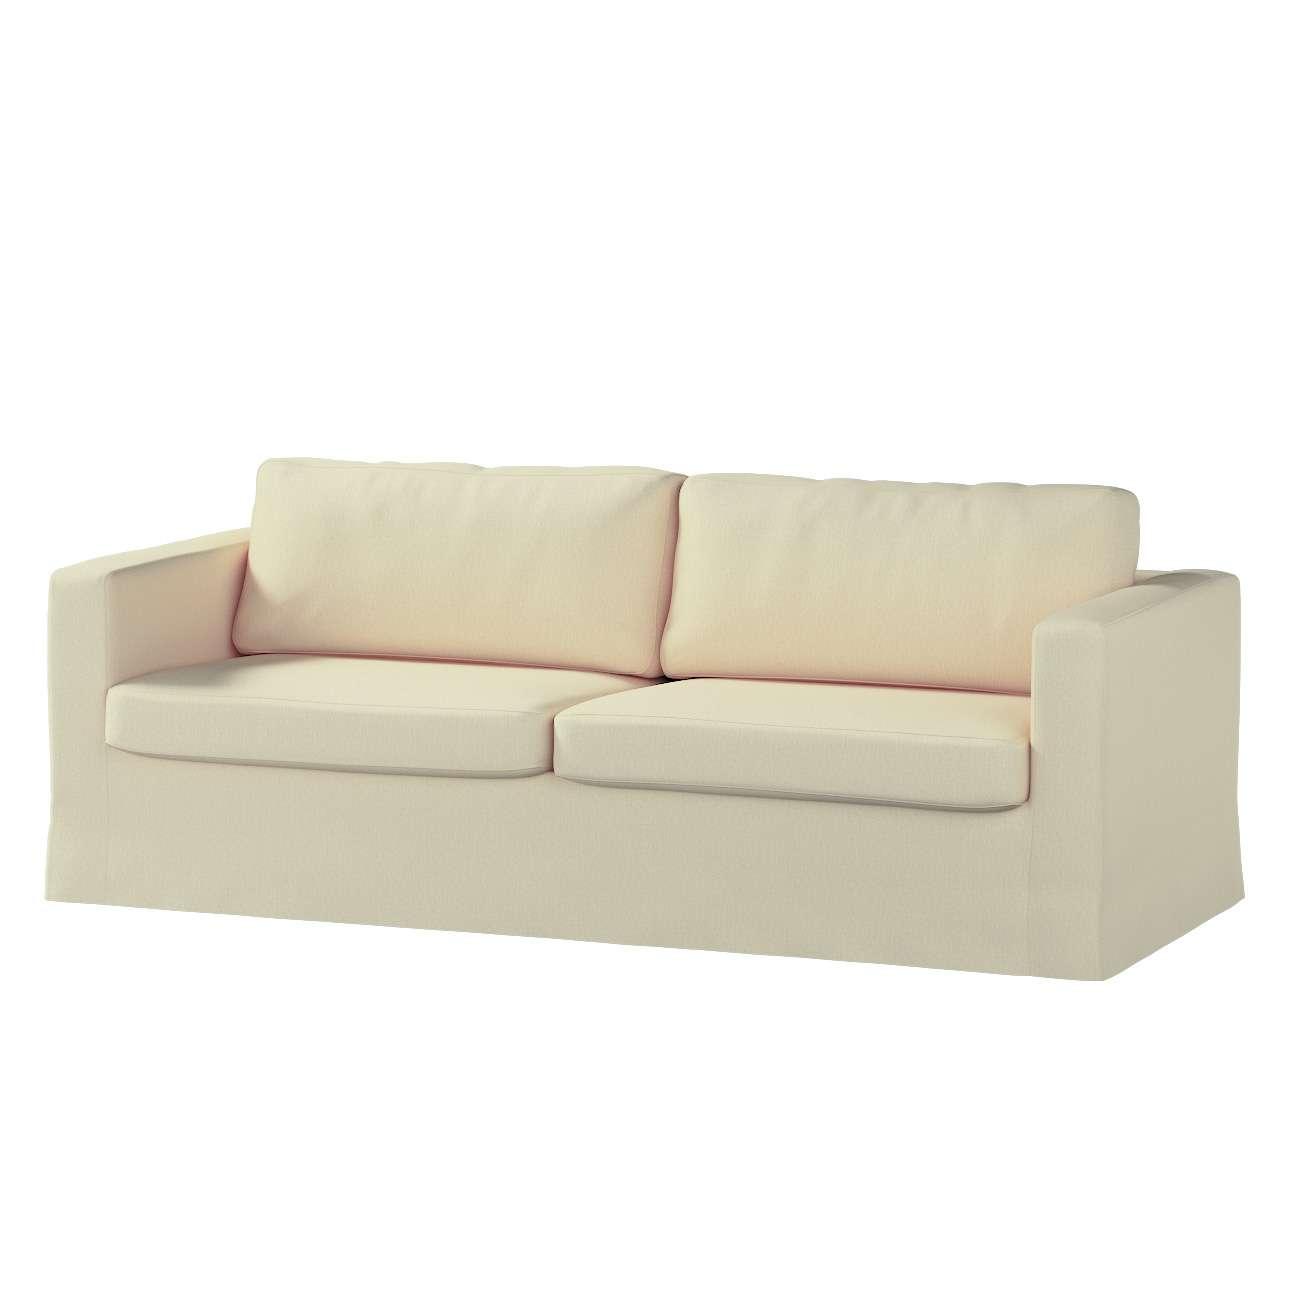 Pokrowiec na sofę Karlstad 3-osobową nierozkładaną, długi Sofa Karlstad 3-osobowa w kolekcji Chenille, tkanina: 702-22